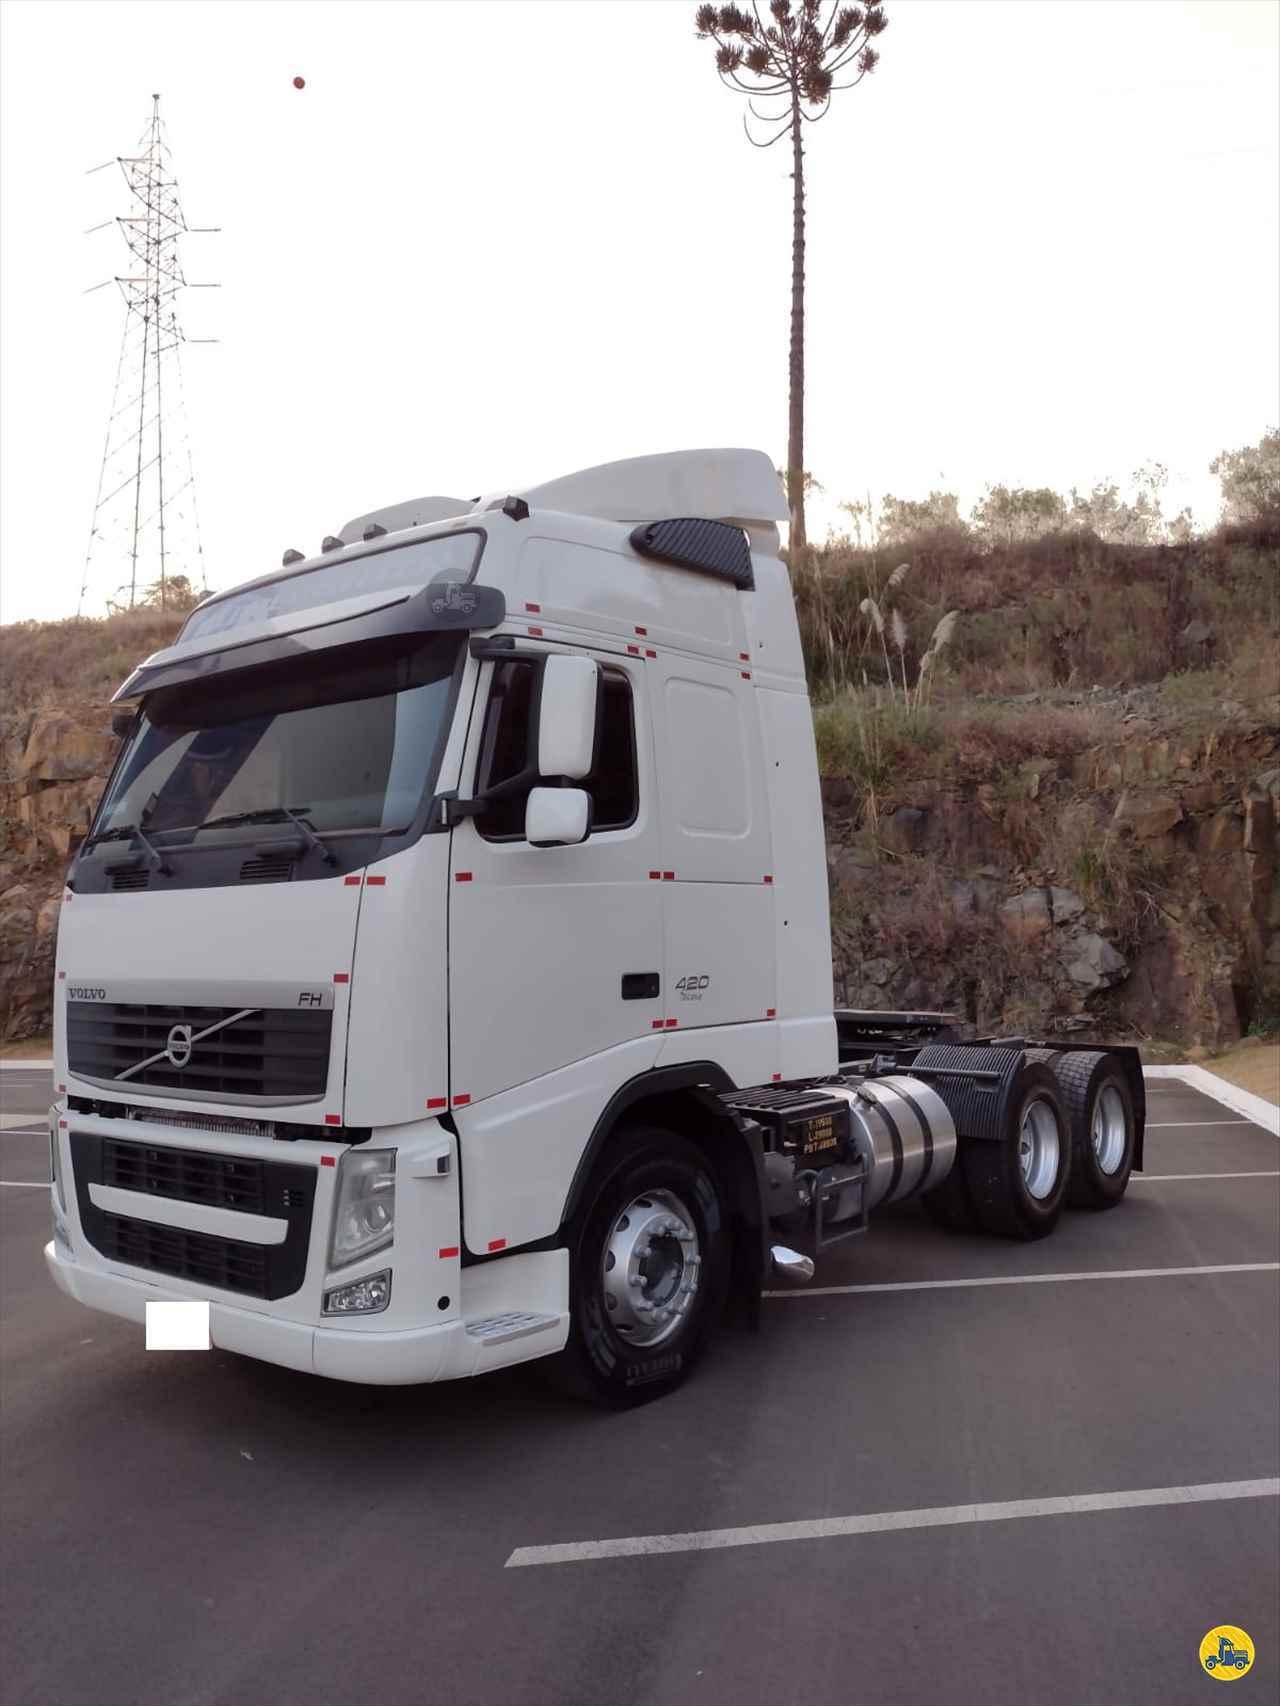 CAMINHAO VOLVO VOLVO FH 420 Cavalo Mecânico Truck 6x2 Transmap Caminhões SANTA ROSA RIO GRANDE DO SUL RS